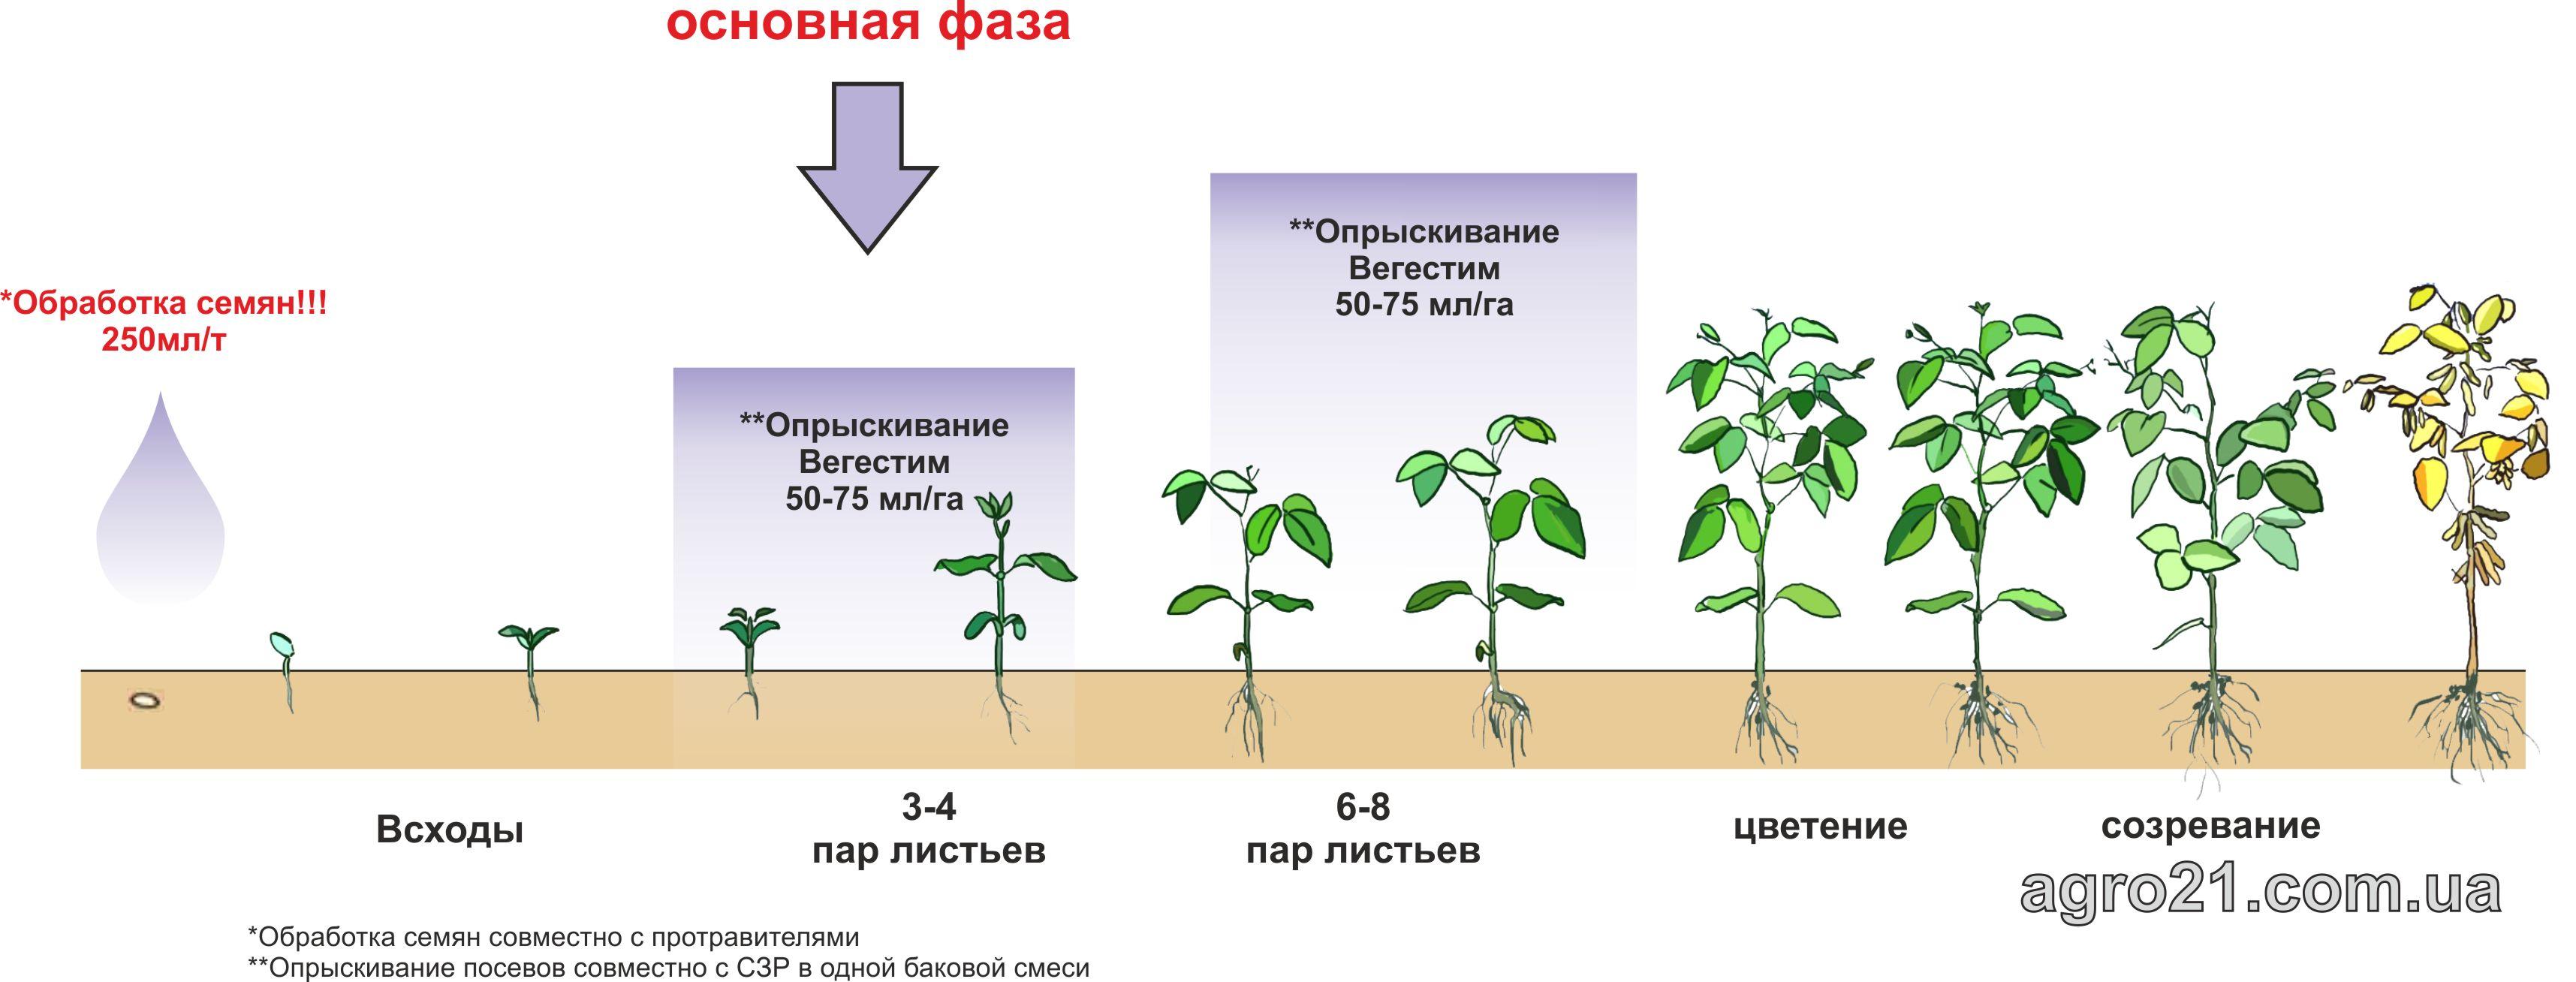 Вегестим. Схема застосування стимулятору росту рослин на посівах Сої